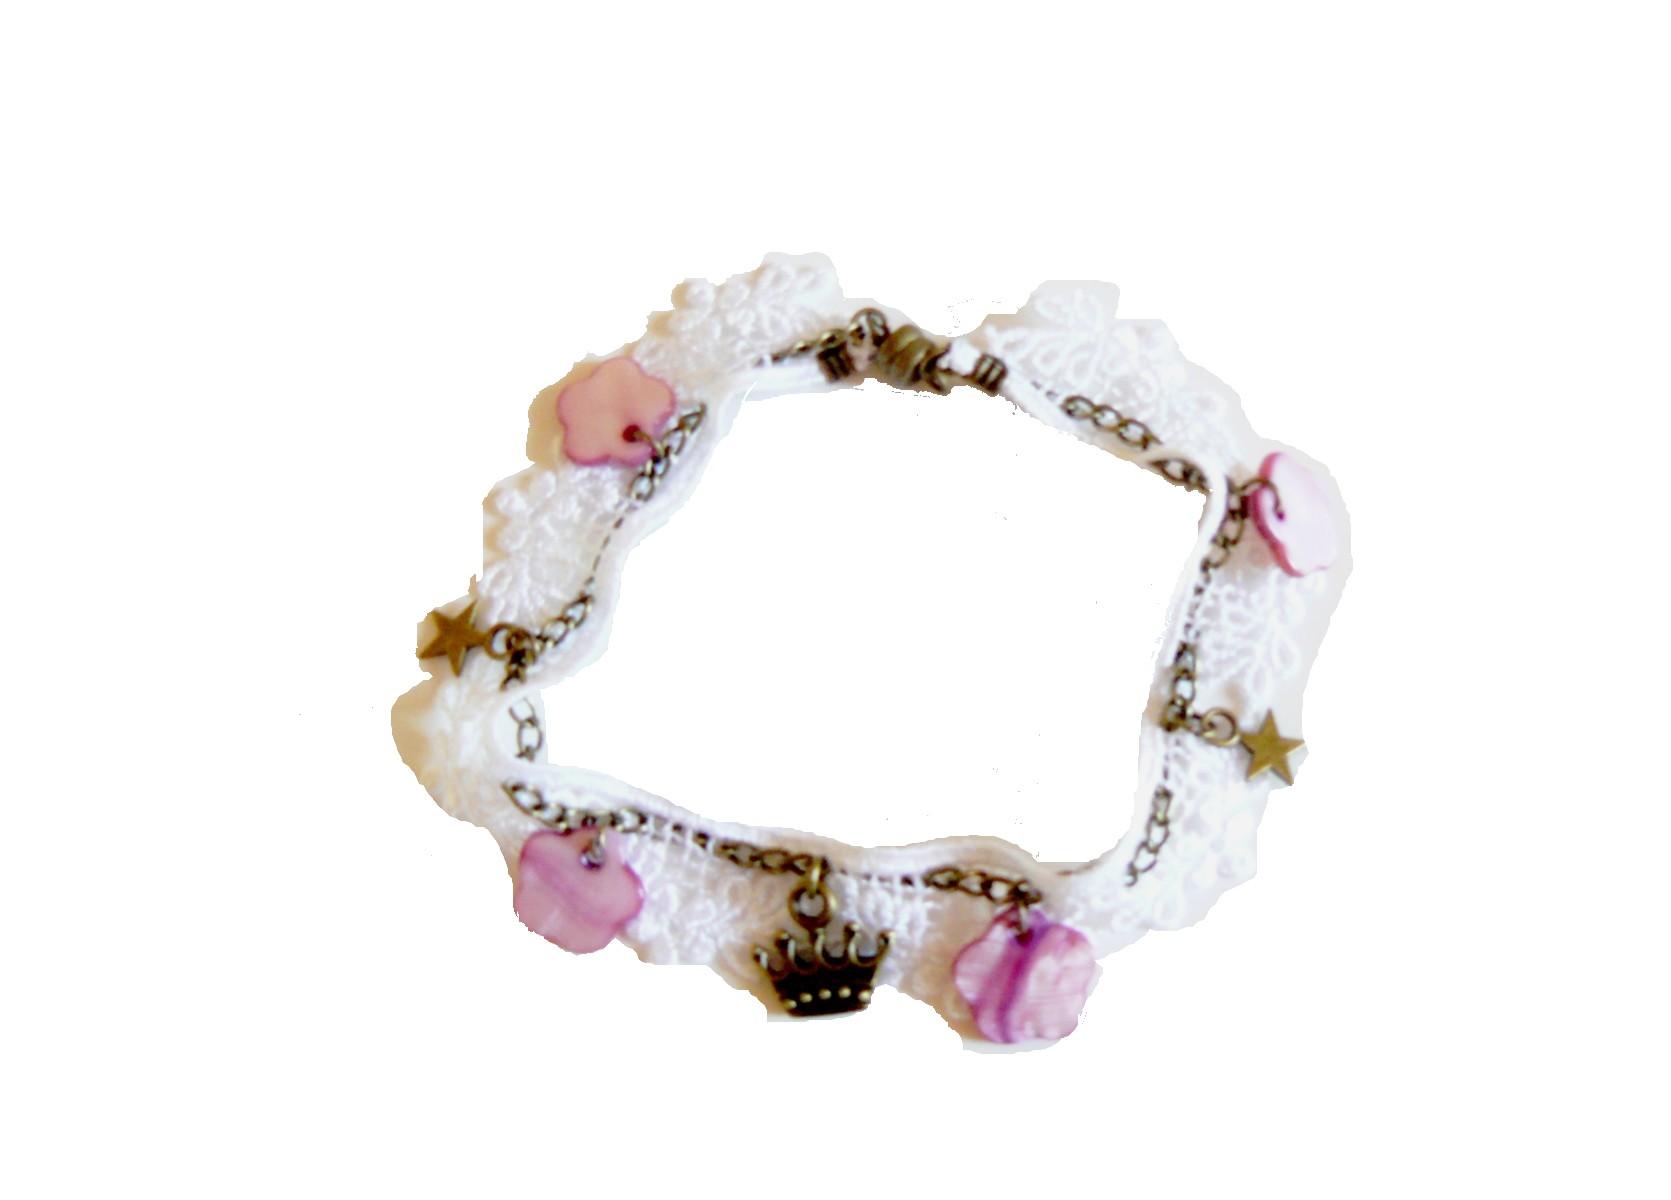 Kit DIY bijoux bracelet blanc avec dentelle, breloques couronnes, étoiles et perles de nacre roses